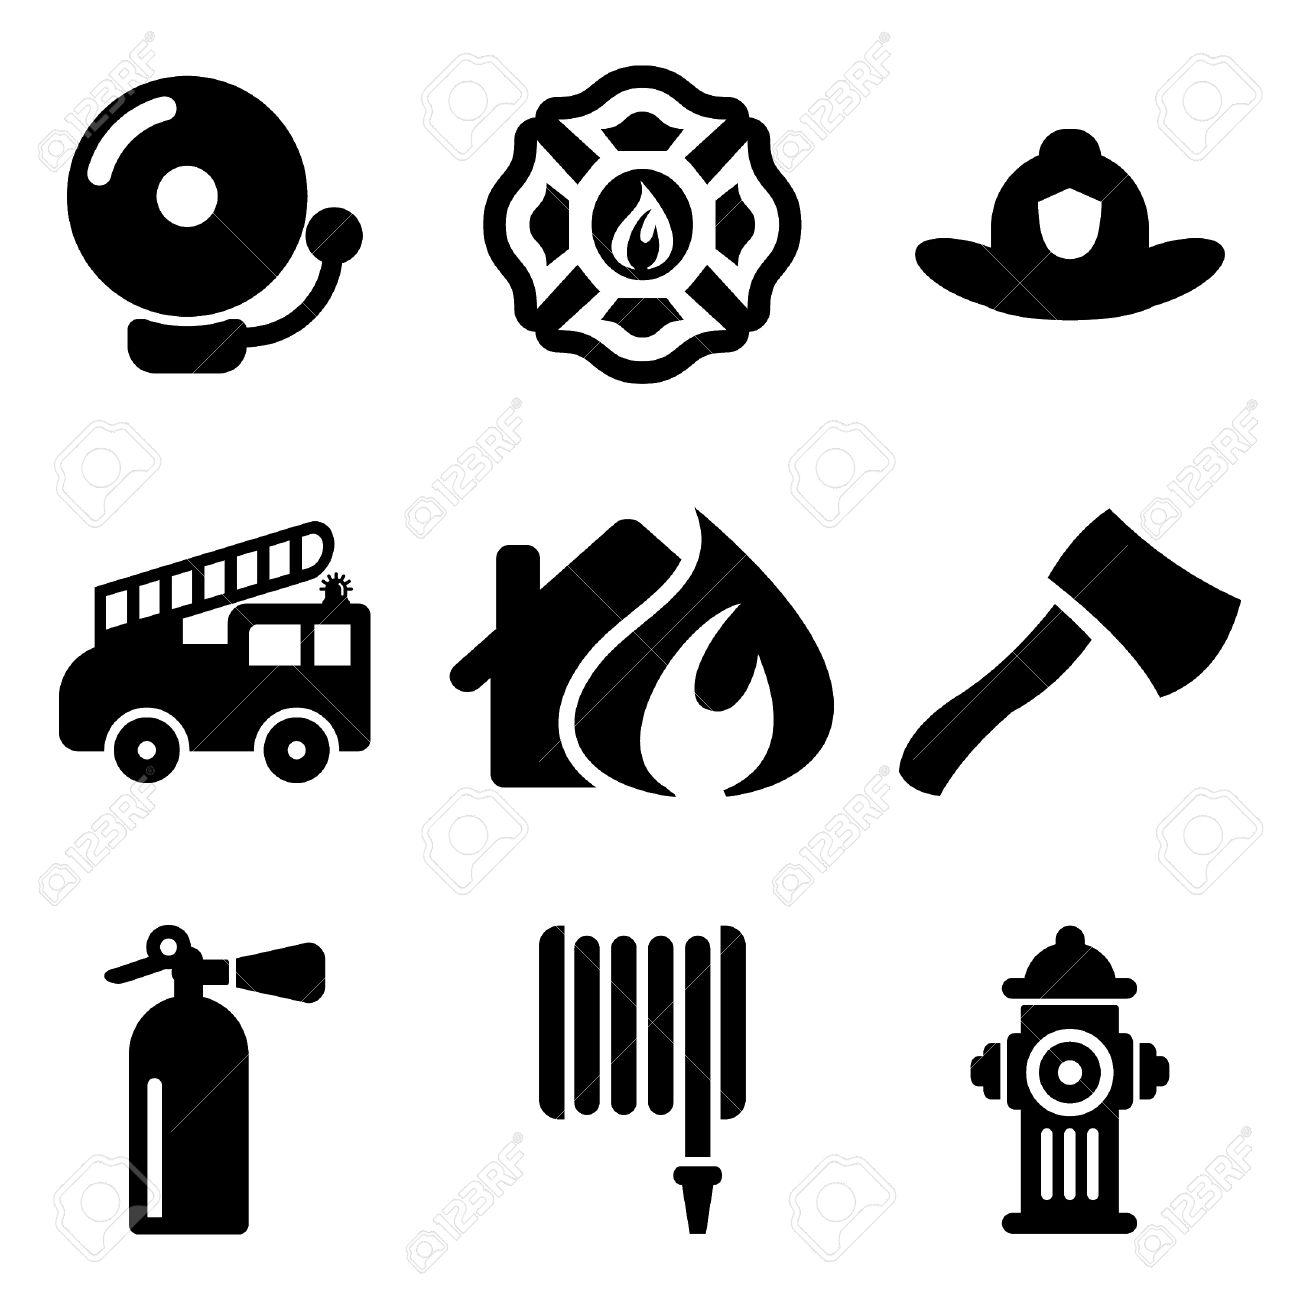 Fireman icons royalty free cliparts vectors and stock fireman icons stock vector 47121128 buycottarizona Choice Image